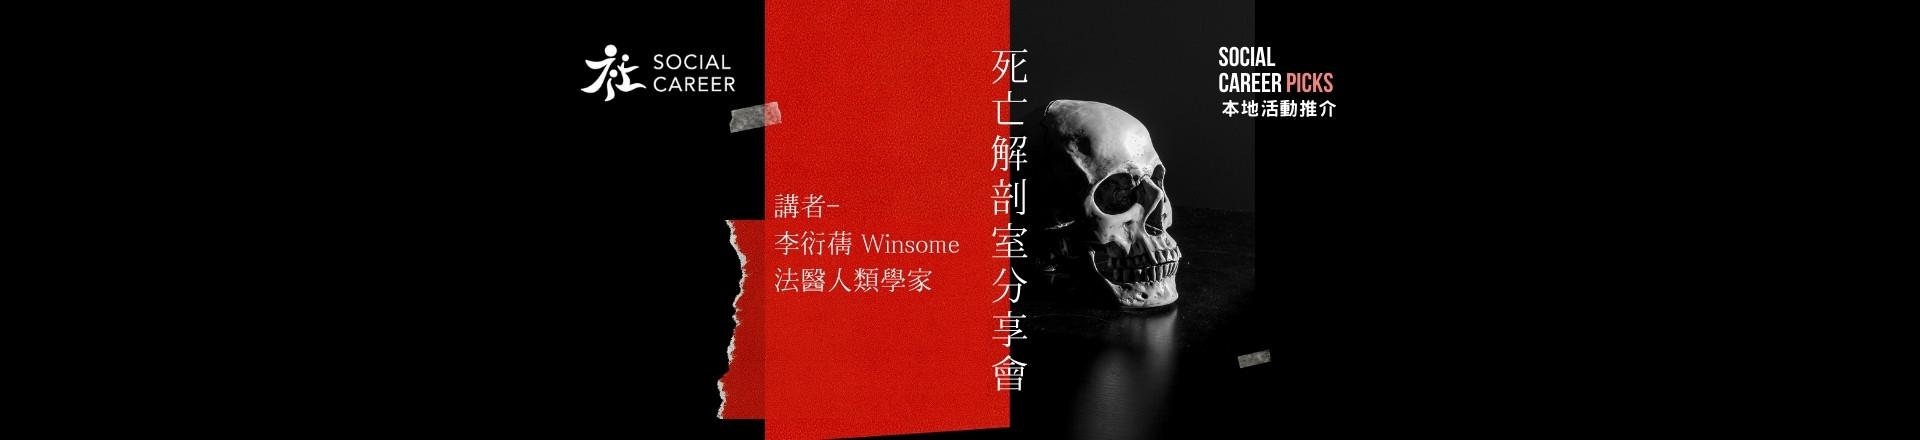 死亡解剖室分享會 法醫人類學家李衍蒨 Winsome Lee 面對死亡、生死教育